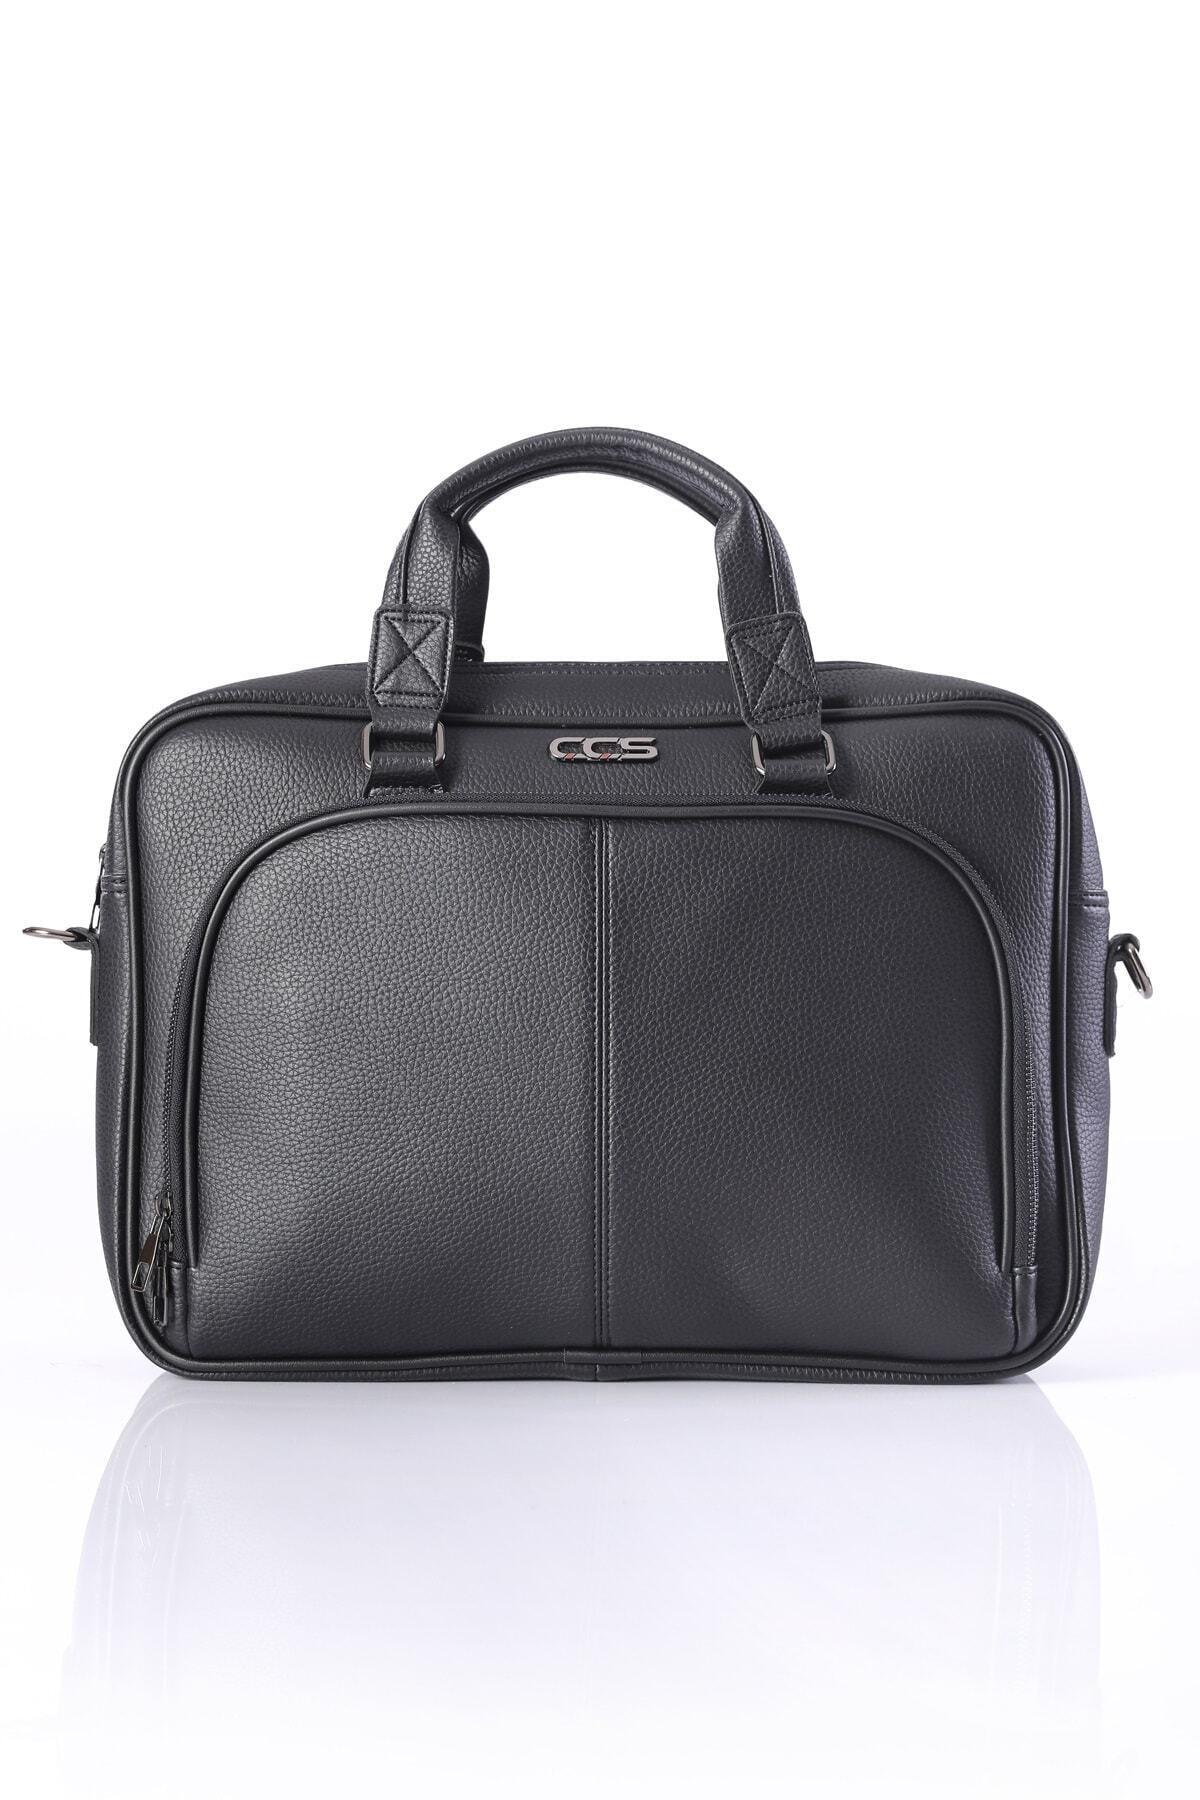 ÇÇS 71379 15.6 Inc Omuz Askılı Laptop Evrak Çantası Siyah 1